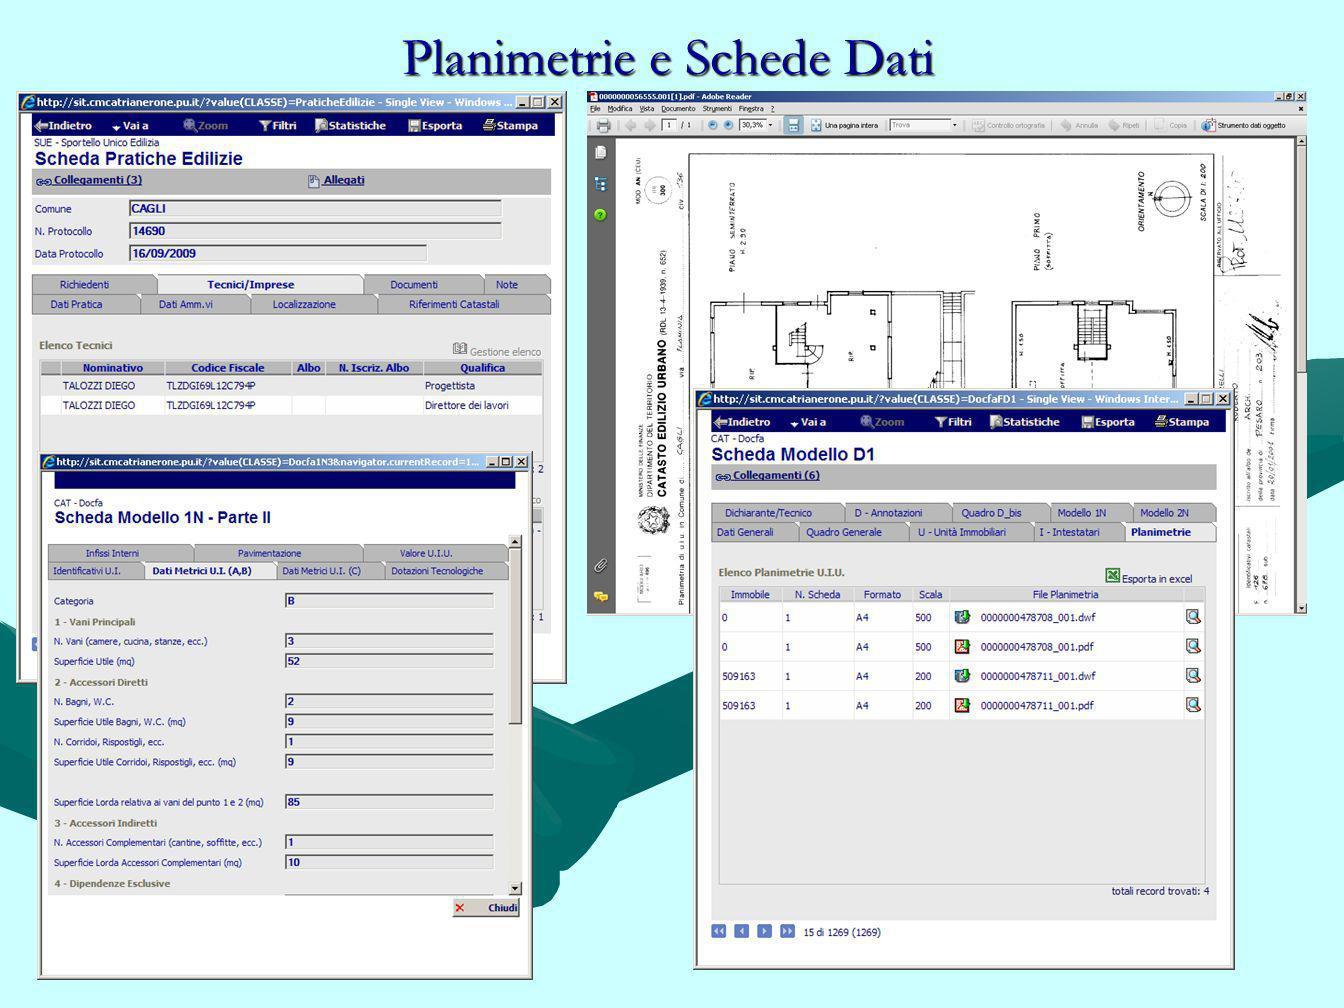 Planimetrie e Schede Dati